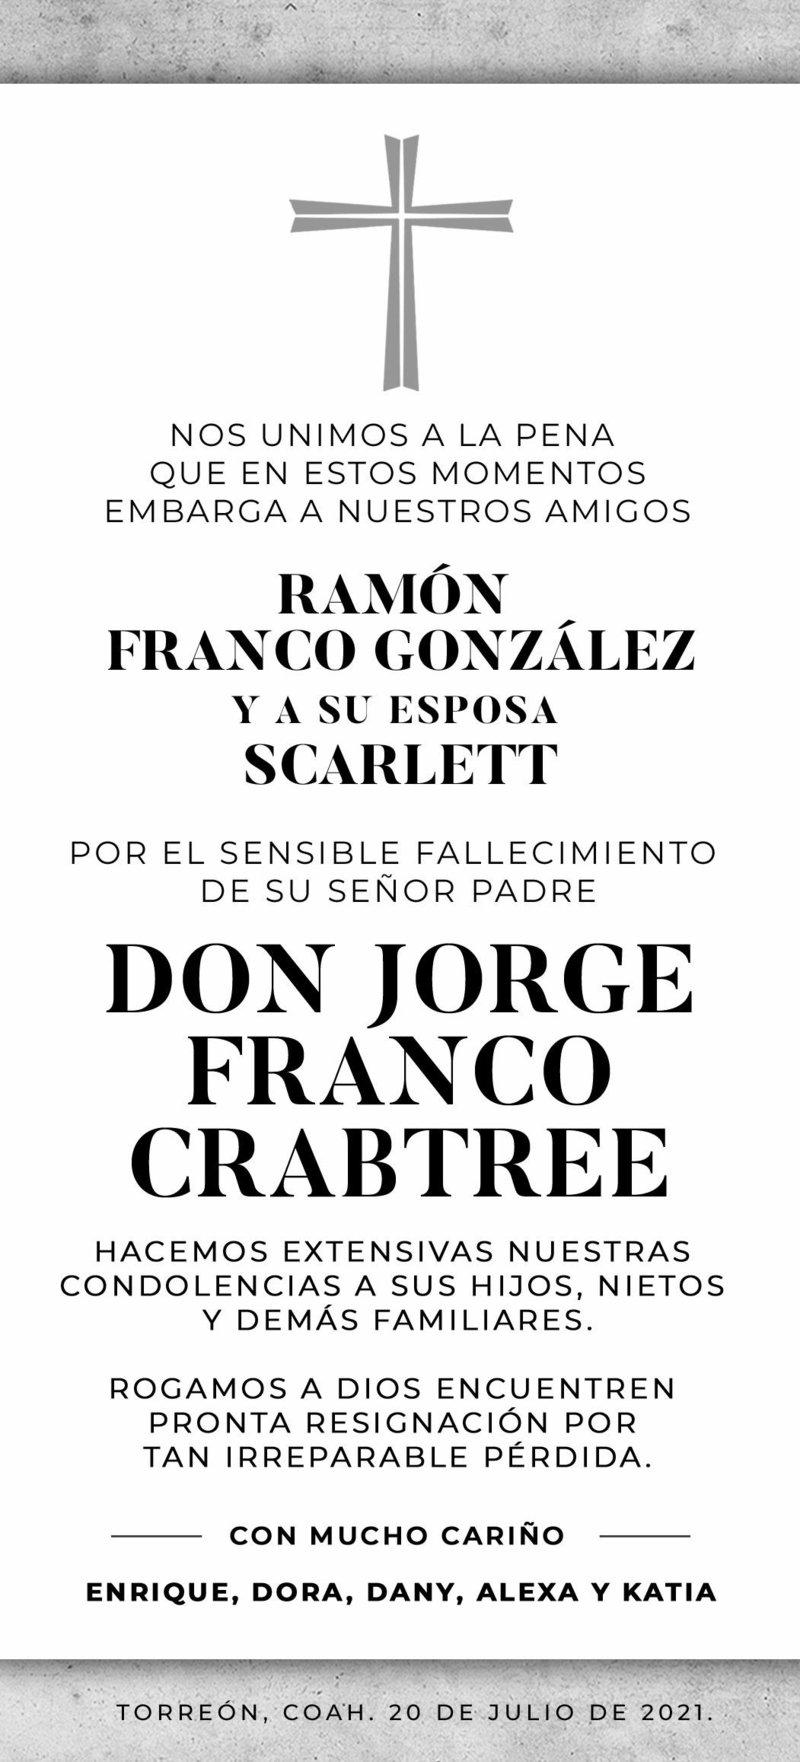 CONDOLENCIA: DON JORGE FRANCO CRABTREE. Enrique, Dora, Dany, Alexa y Katia, expresan su más sentido pésame a Ramón Franco González por el fallecimiento de Don Jorge Franco Crabtree. Descanse en paz.